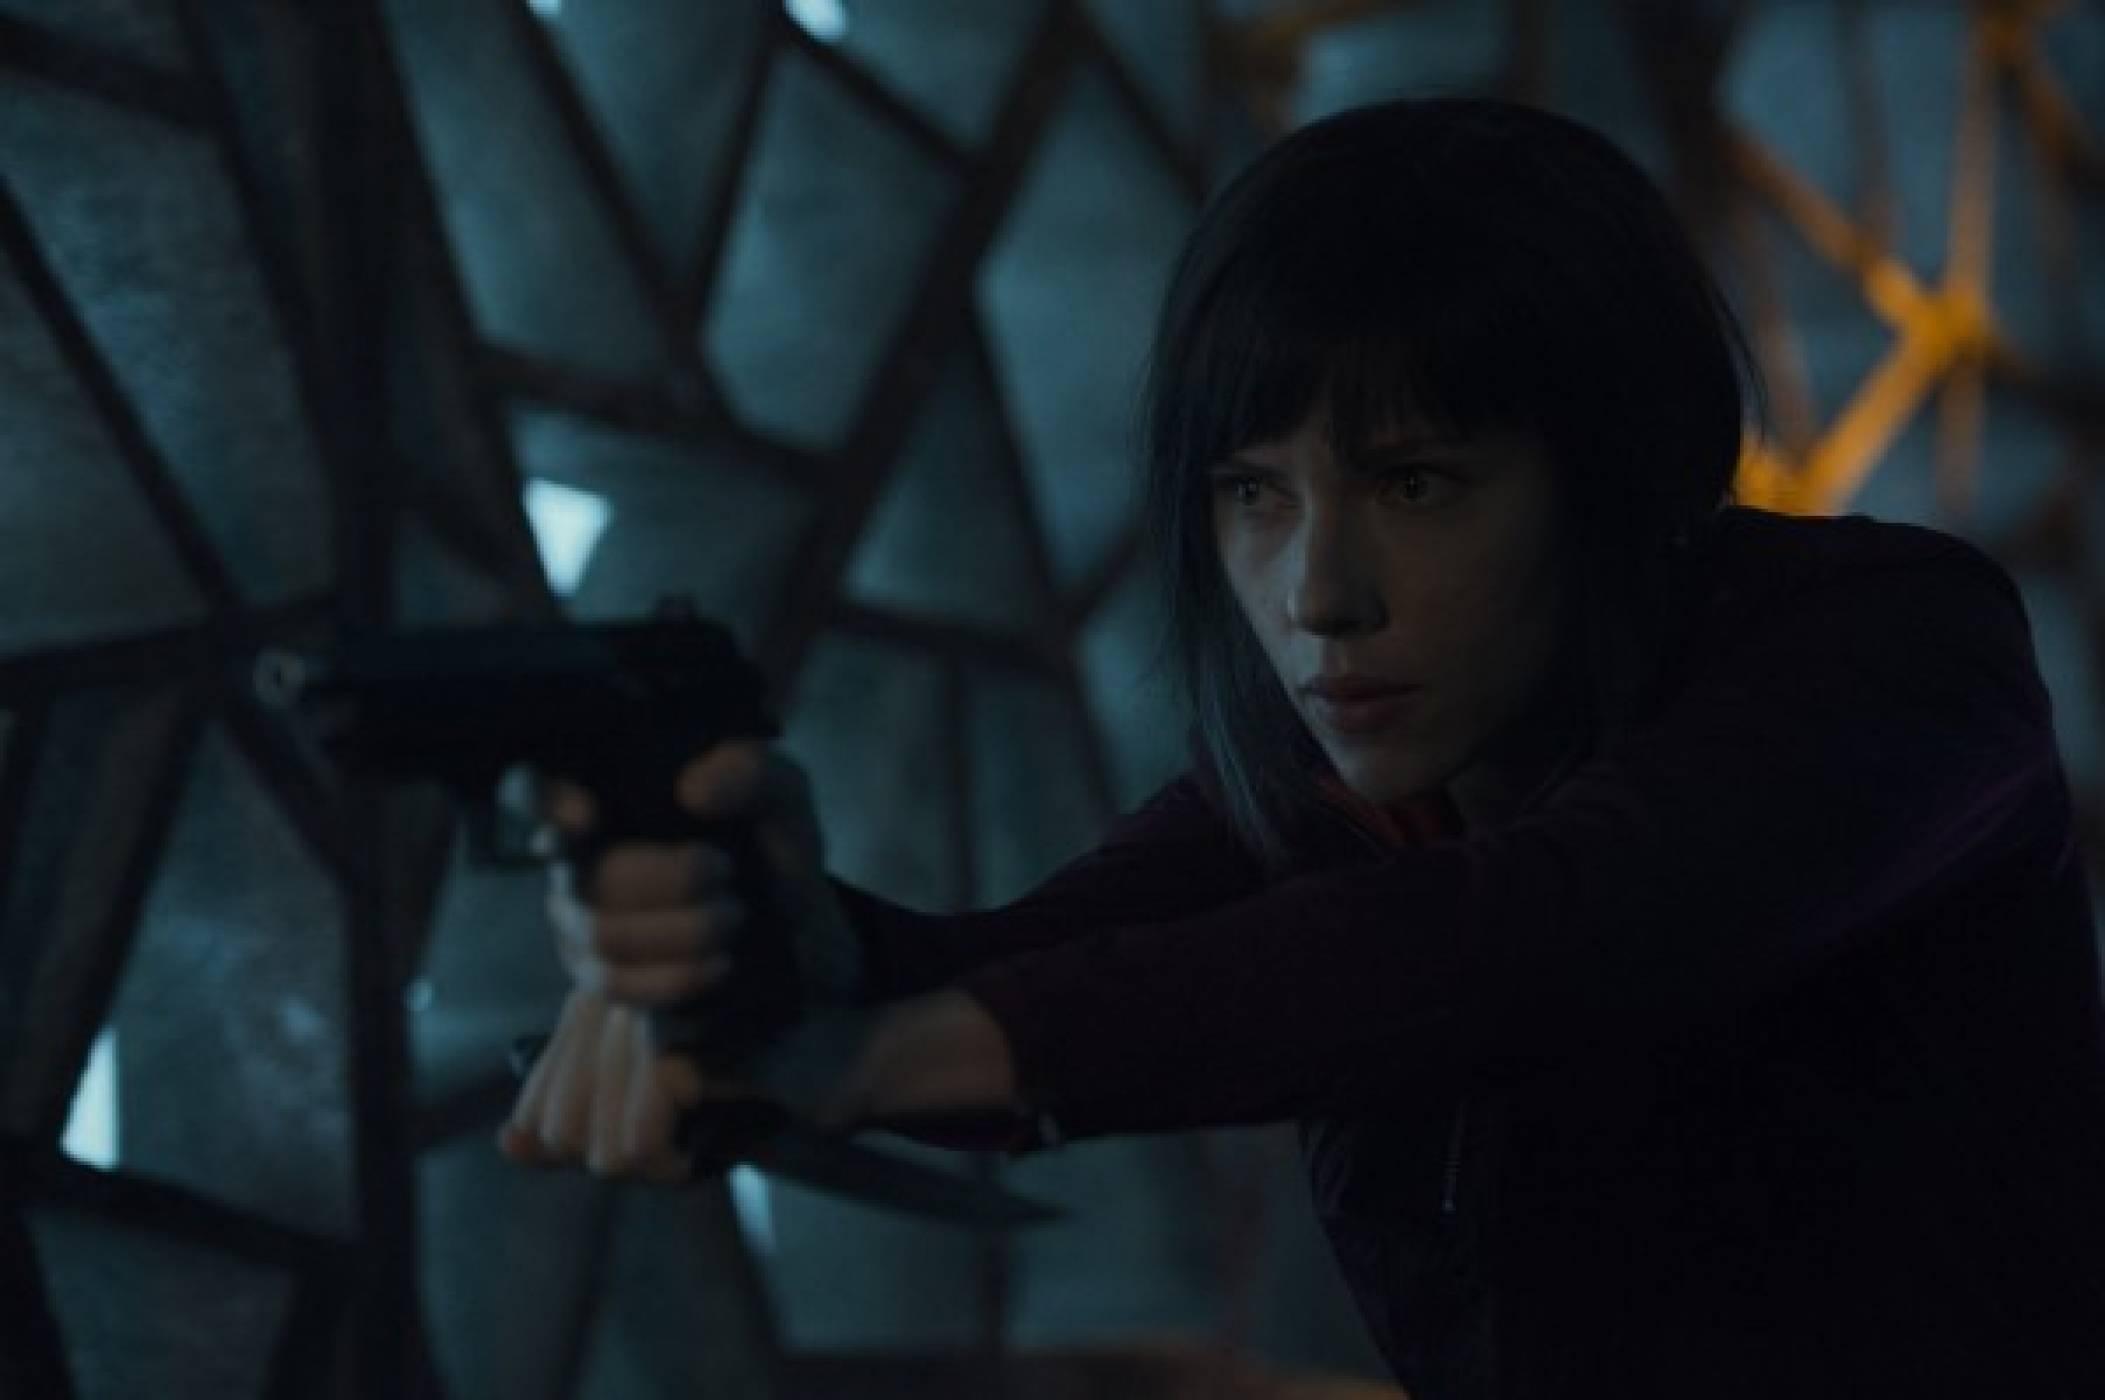 Скарлет Йохансон се бори с гейши роботи в пълен с екшън клип от Ghost in the Shell